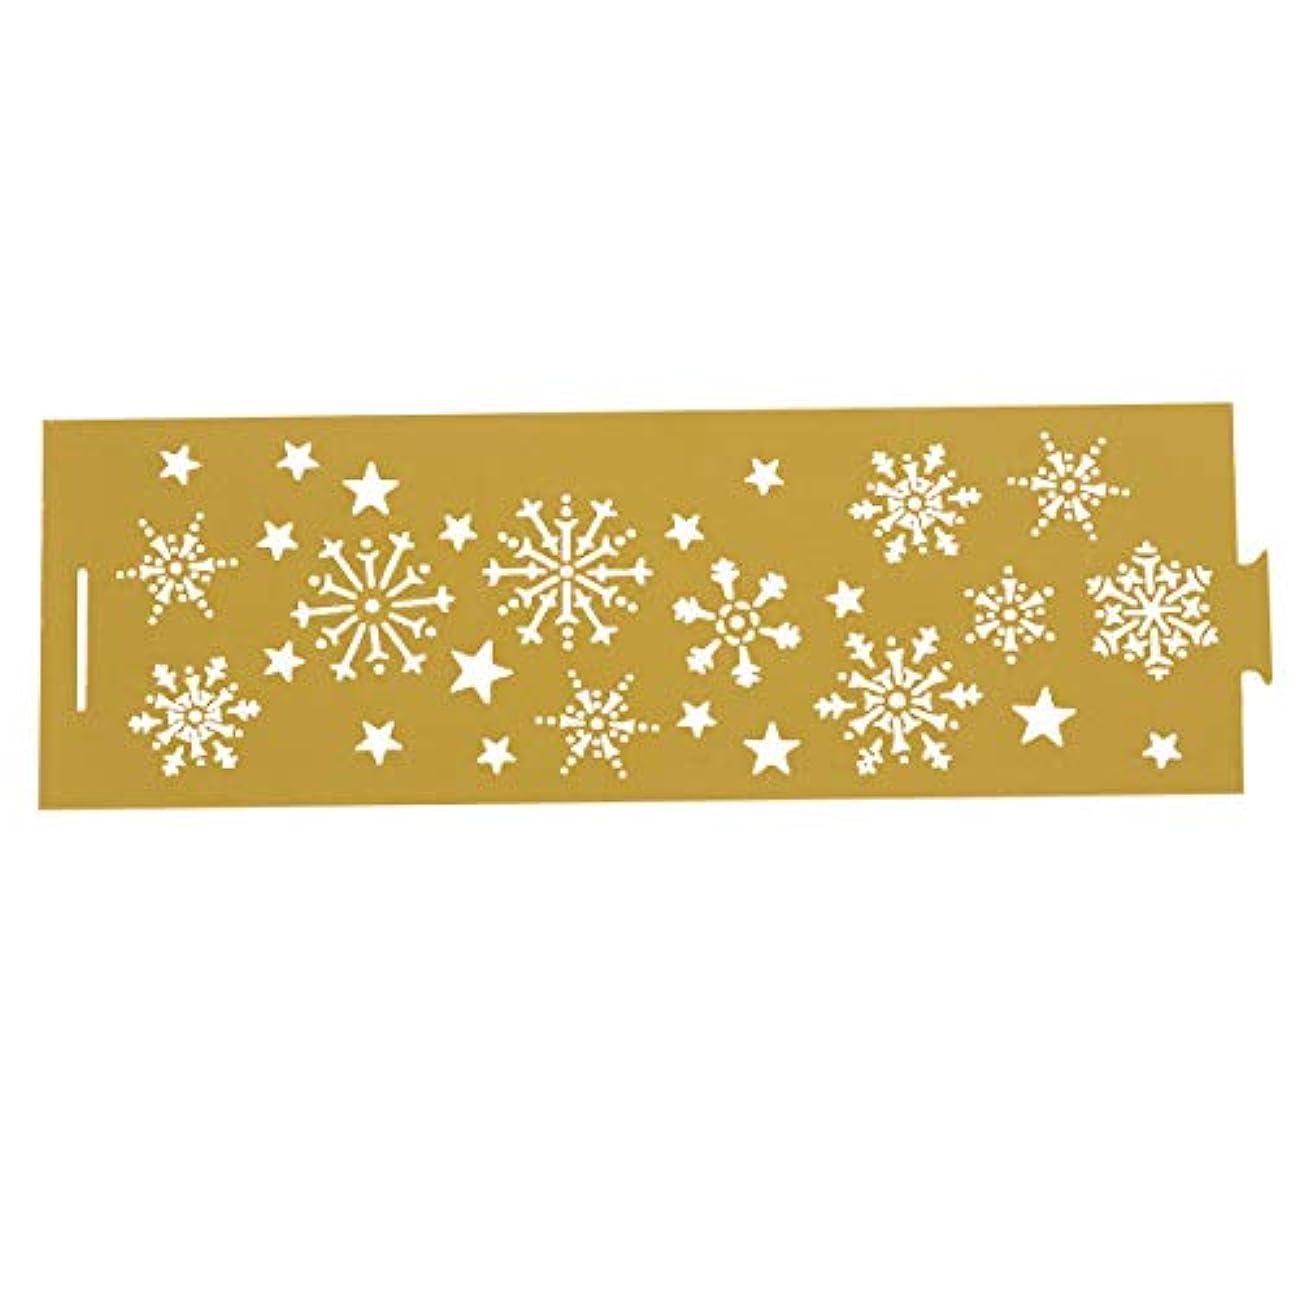 喪バケツ数学的なBESTONZON 50ピースled電子キャンドルラッパーライト中空キャンドルシェードカバーペーパーラッパーペーパーキャンドル装飾(ゴールデン)